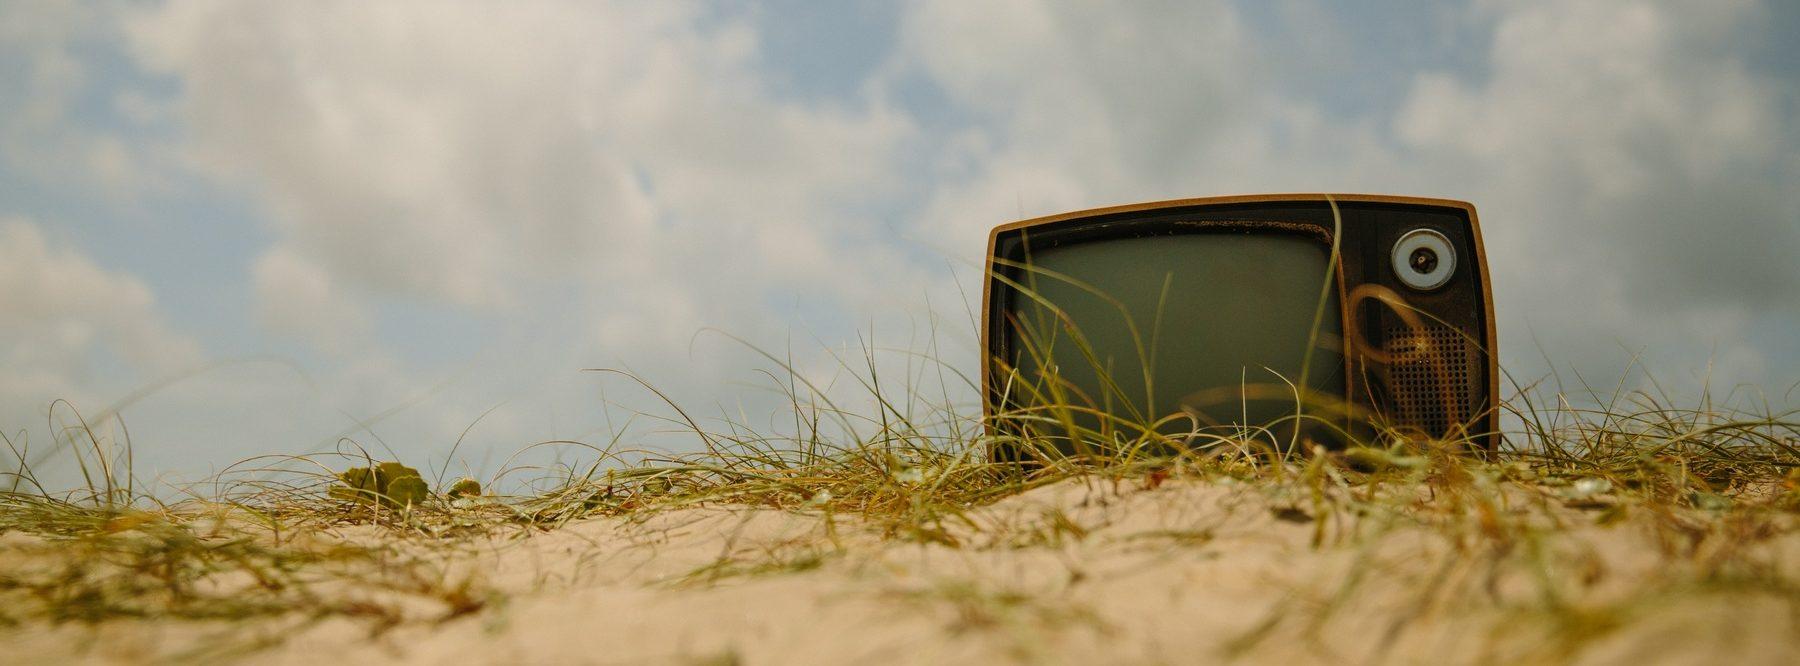 ¿Existen programas de ciencia y tecnología en la televisión?